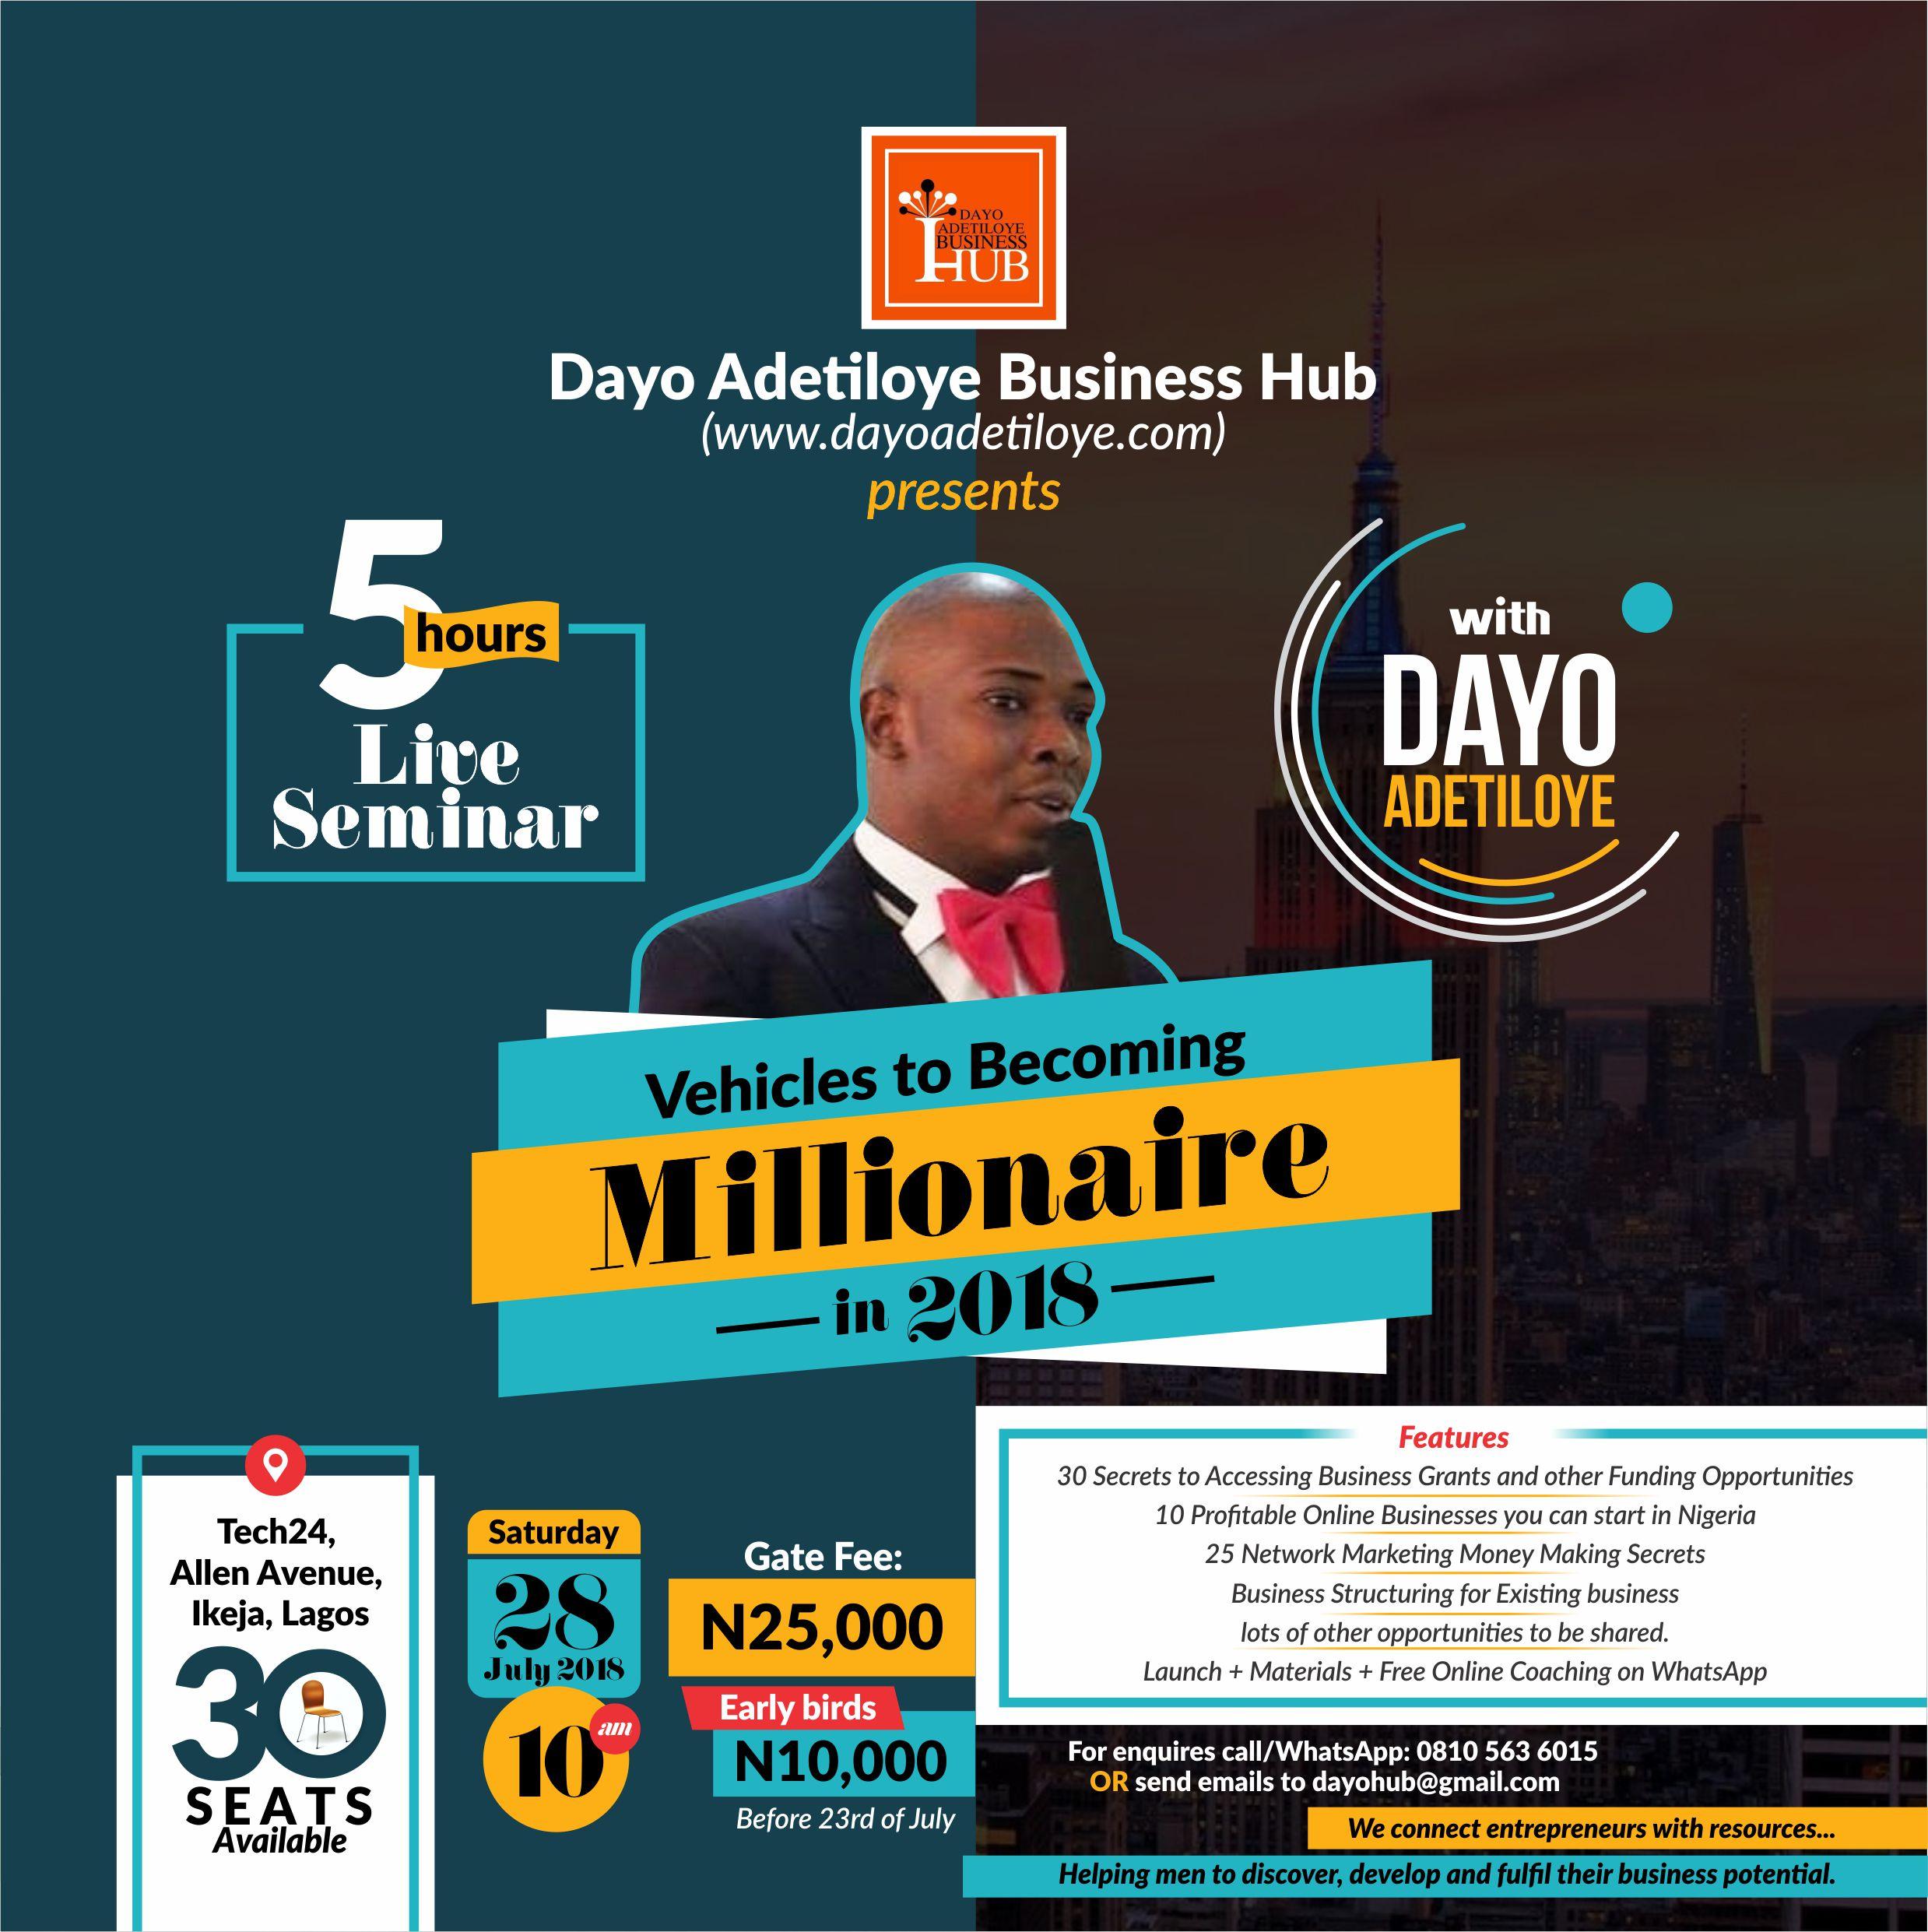 Dayo Adetiloye Lagos live Seminar